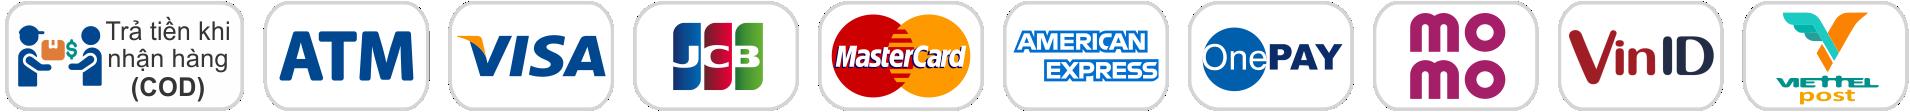 Thanh Toán COD, thẻ ATM, thẻ napas, thẻ tín dụng, thẻ credit, thanh toán qua ứng dụng, trả góp 0%, viettelpost, Samconbank, Bidv,....